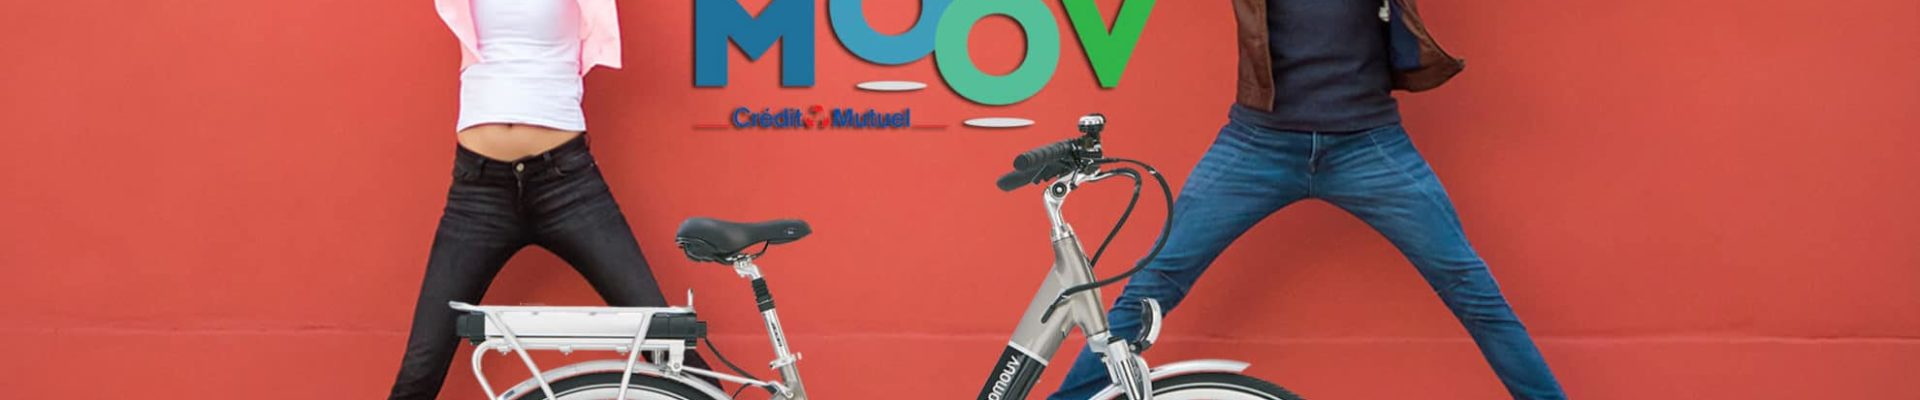 Nouvelles mobilités : le Crédit Mutuel lance Moov